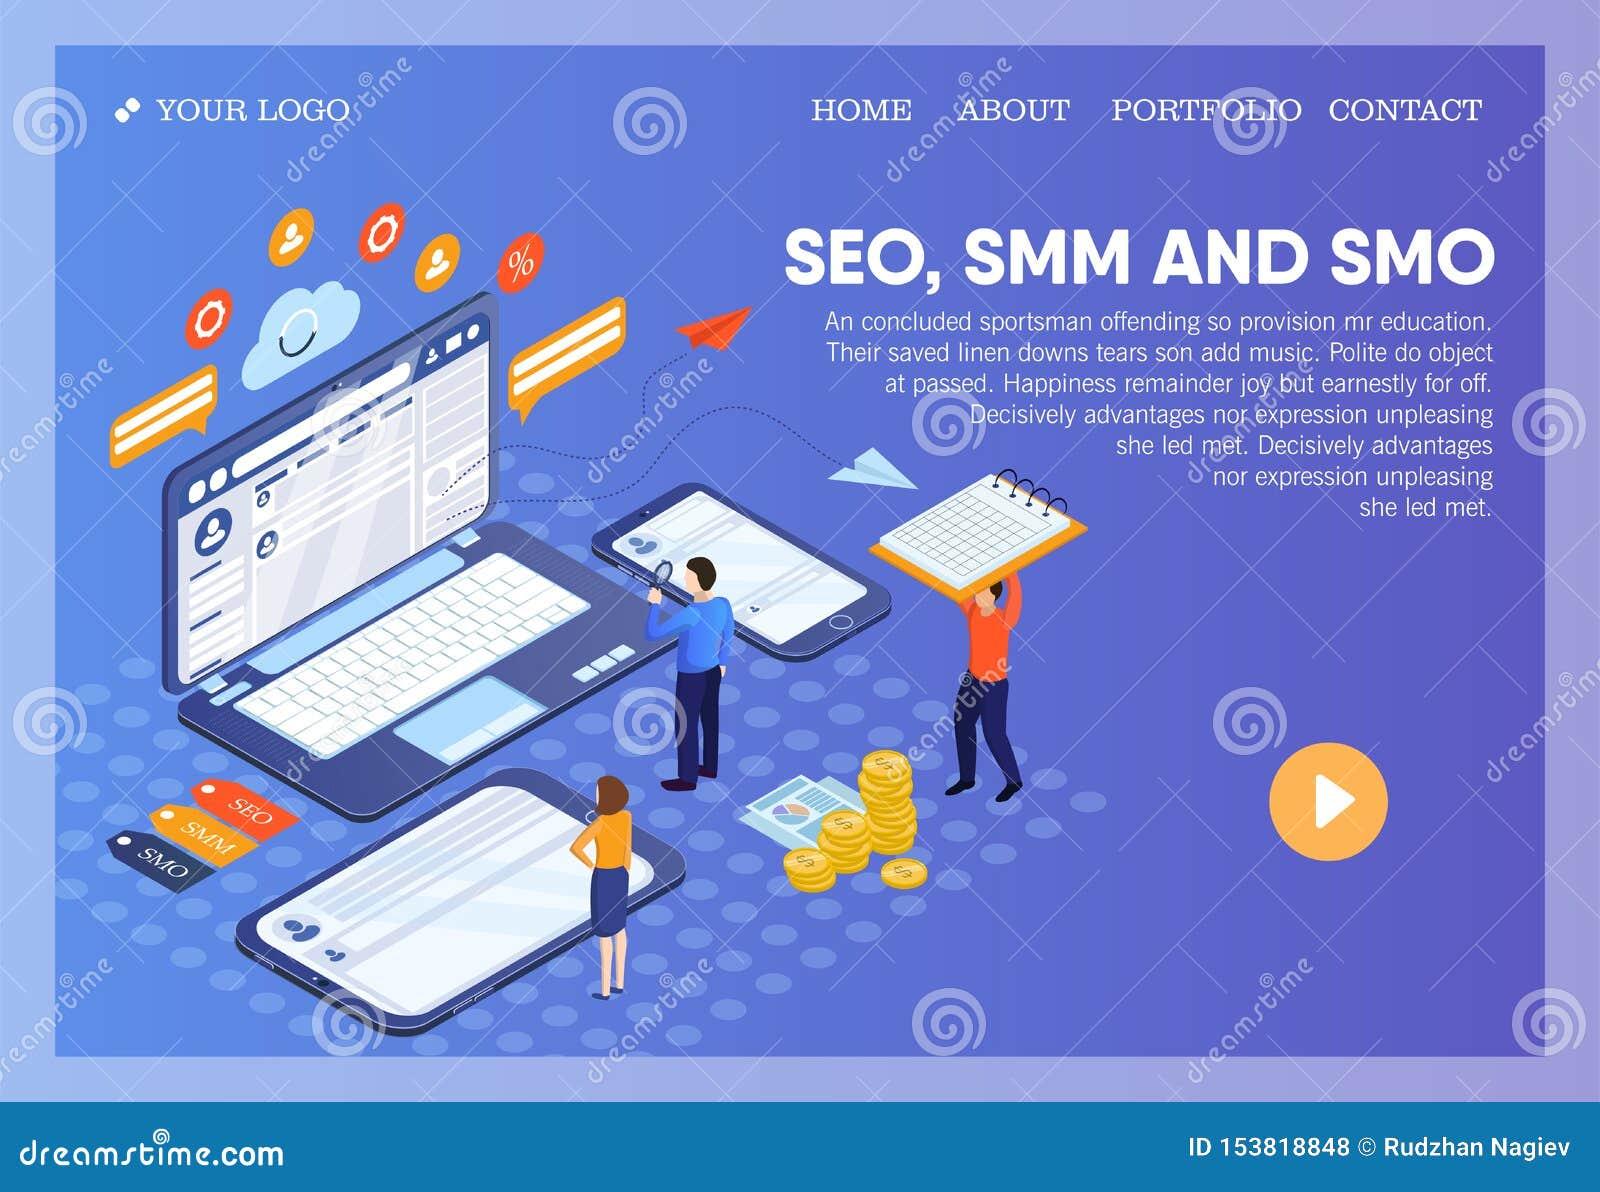 Piktograficzny dla optymalizacji, Ogólnospołecznego Medialnego marketingu i Ogólnospołecznej Medialnej optymalizacji dla SEO, SMM